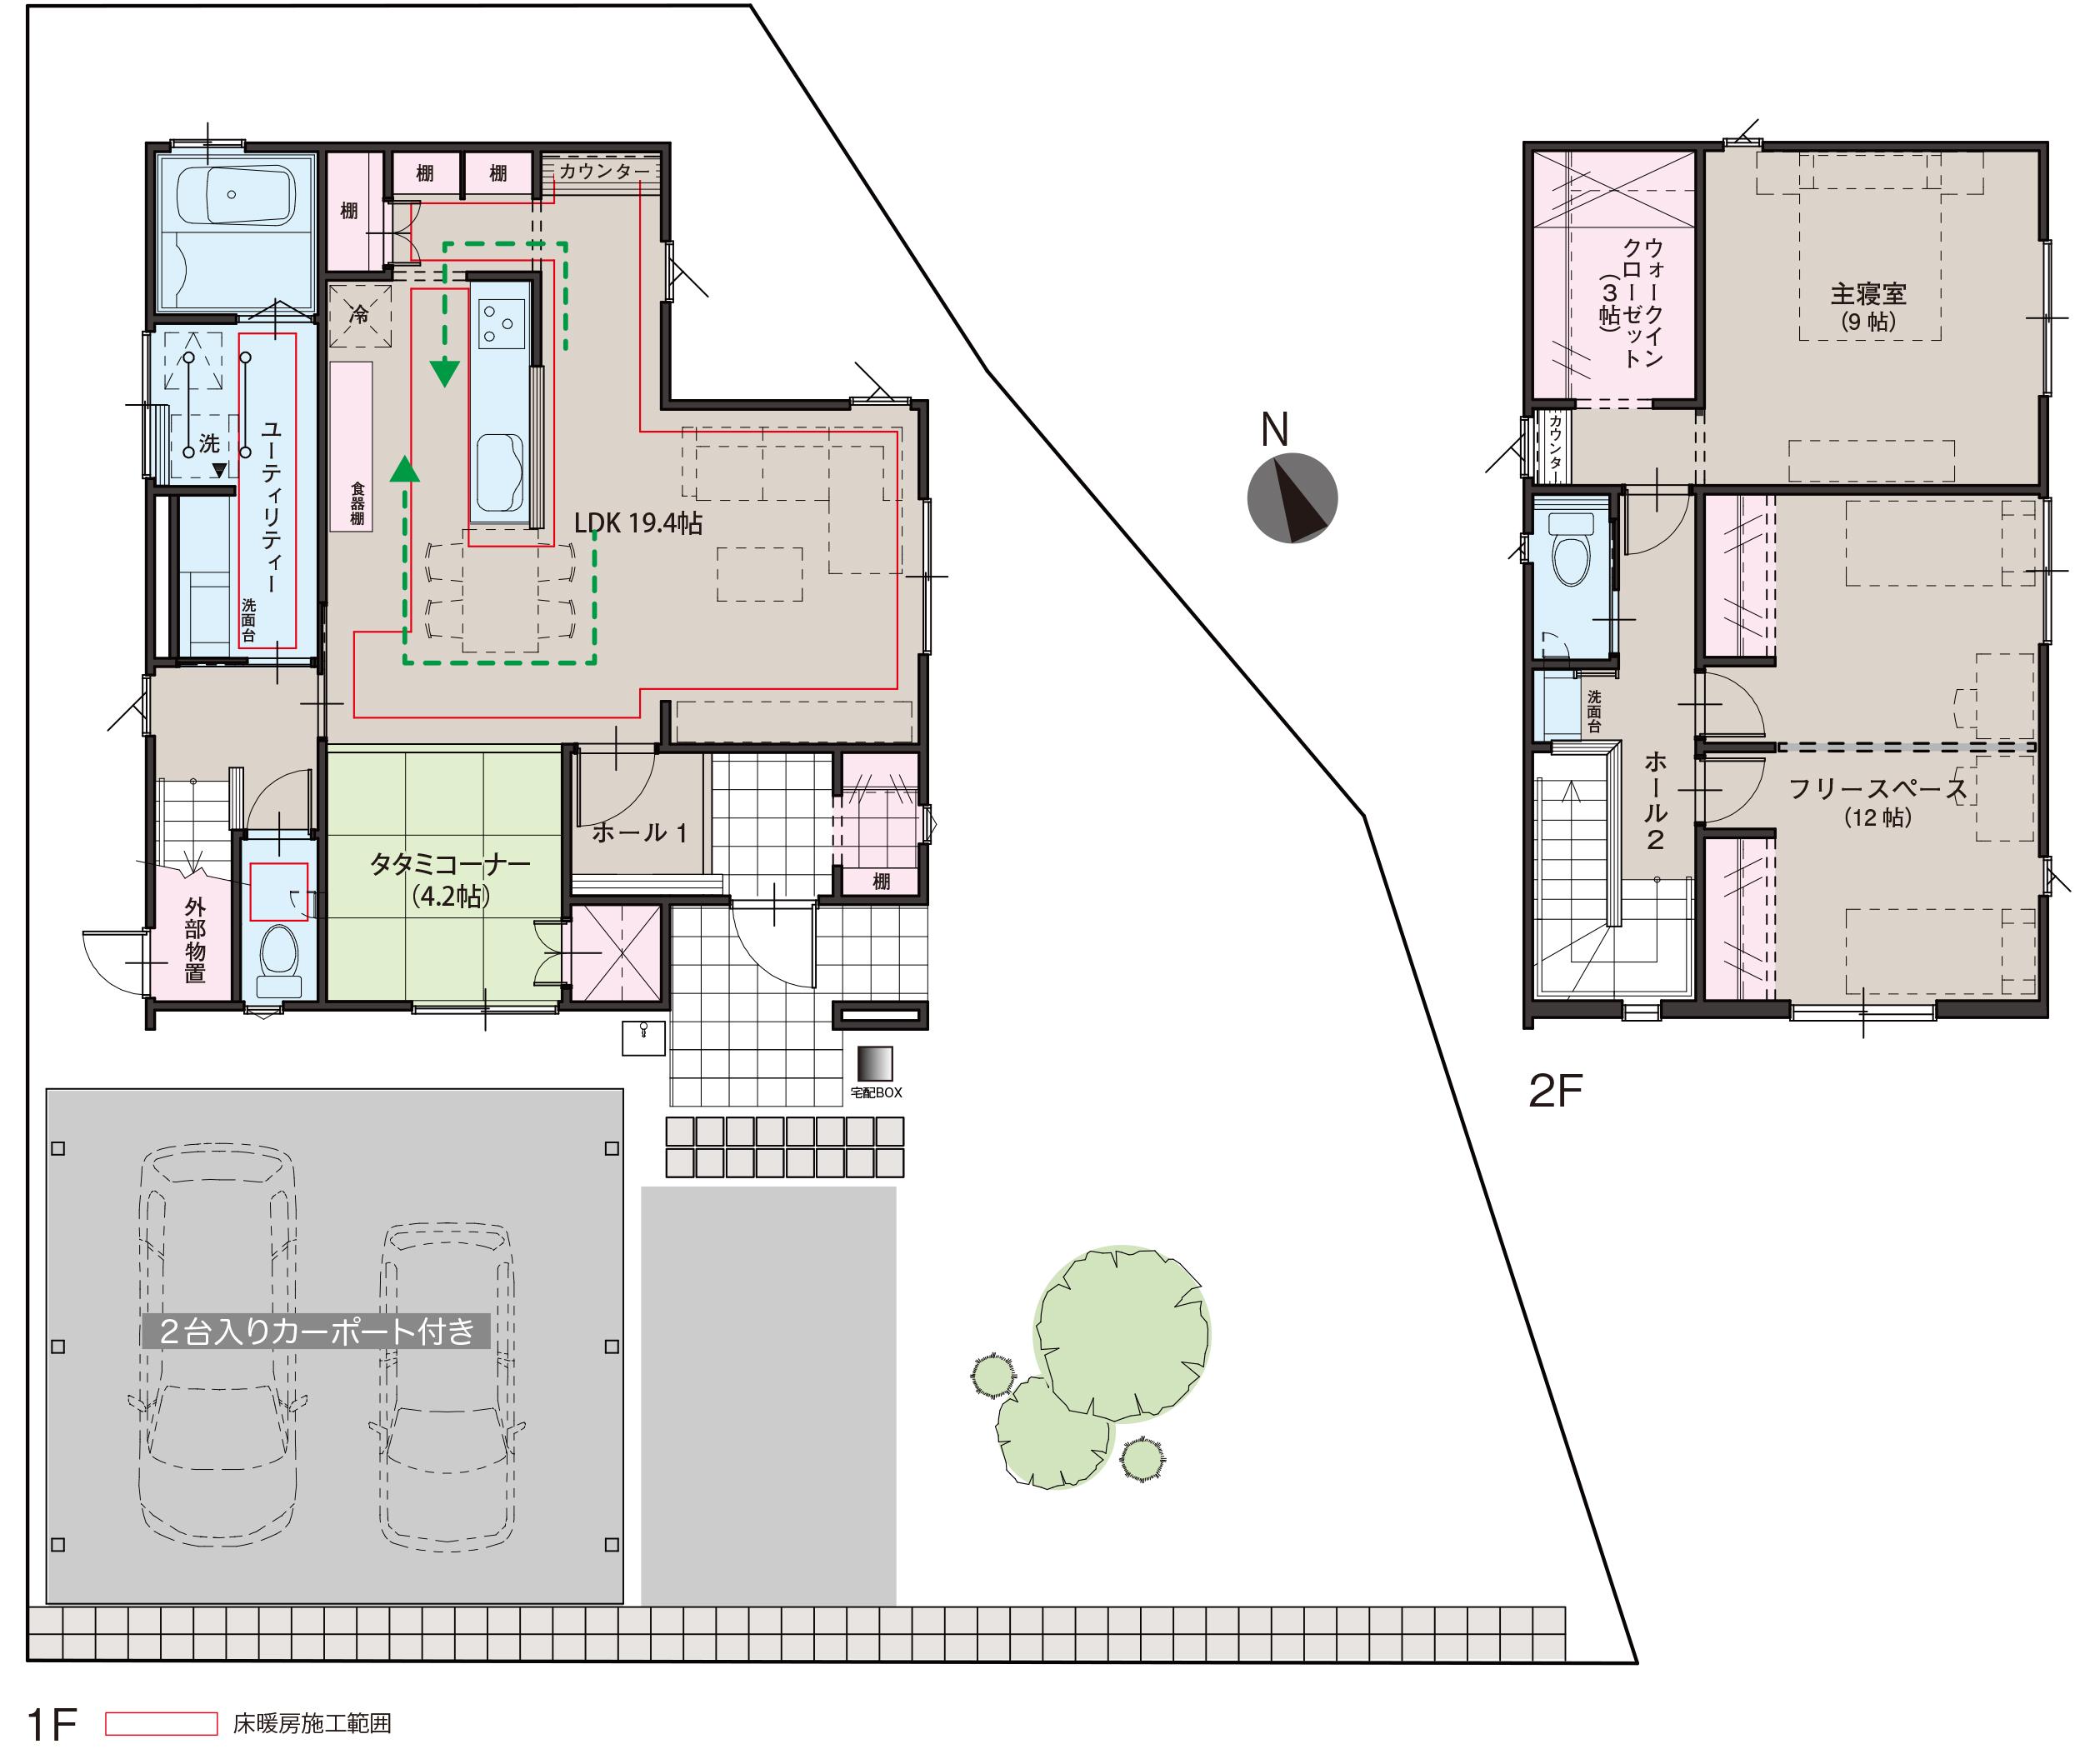 滑川市上小泉にて3LDKの新築不動産住宅を販売中 Co.マチ滑川上小泉F11 プラント3近くの間取り